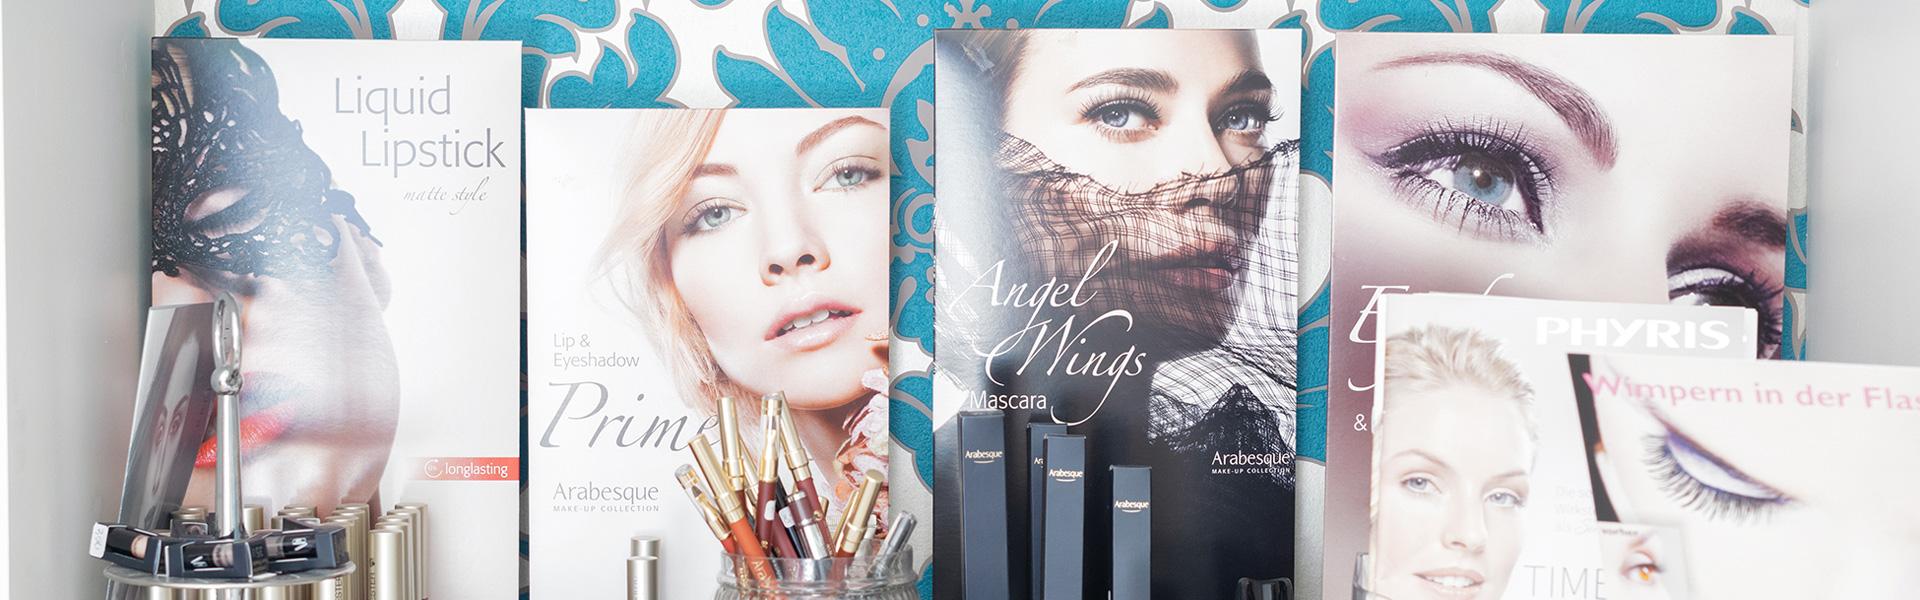 MUGI_Kosmetik_Friedrichshain_PHYRIS